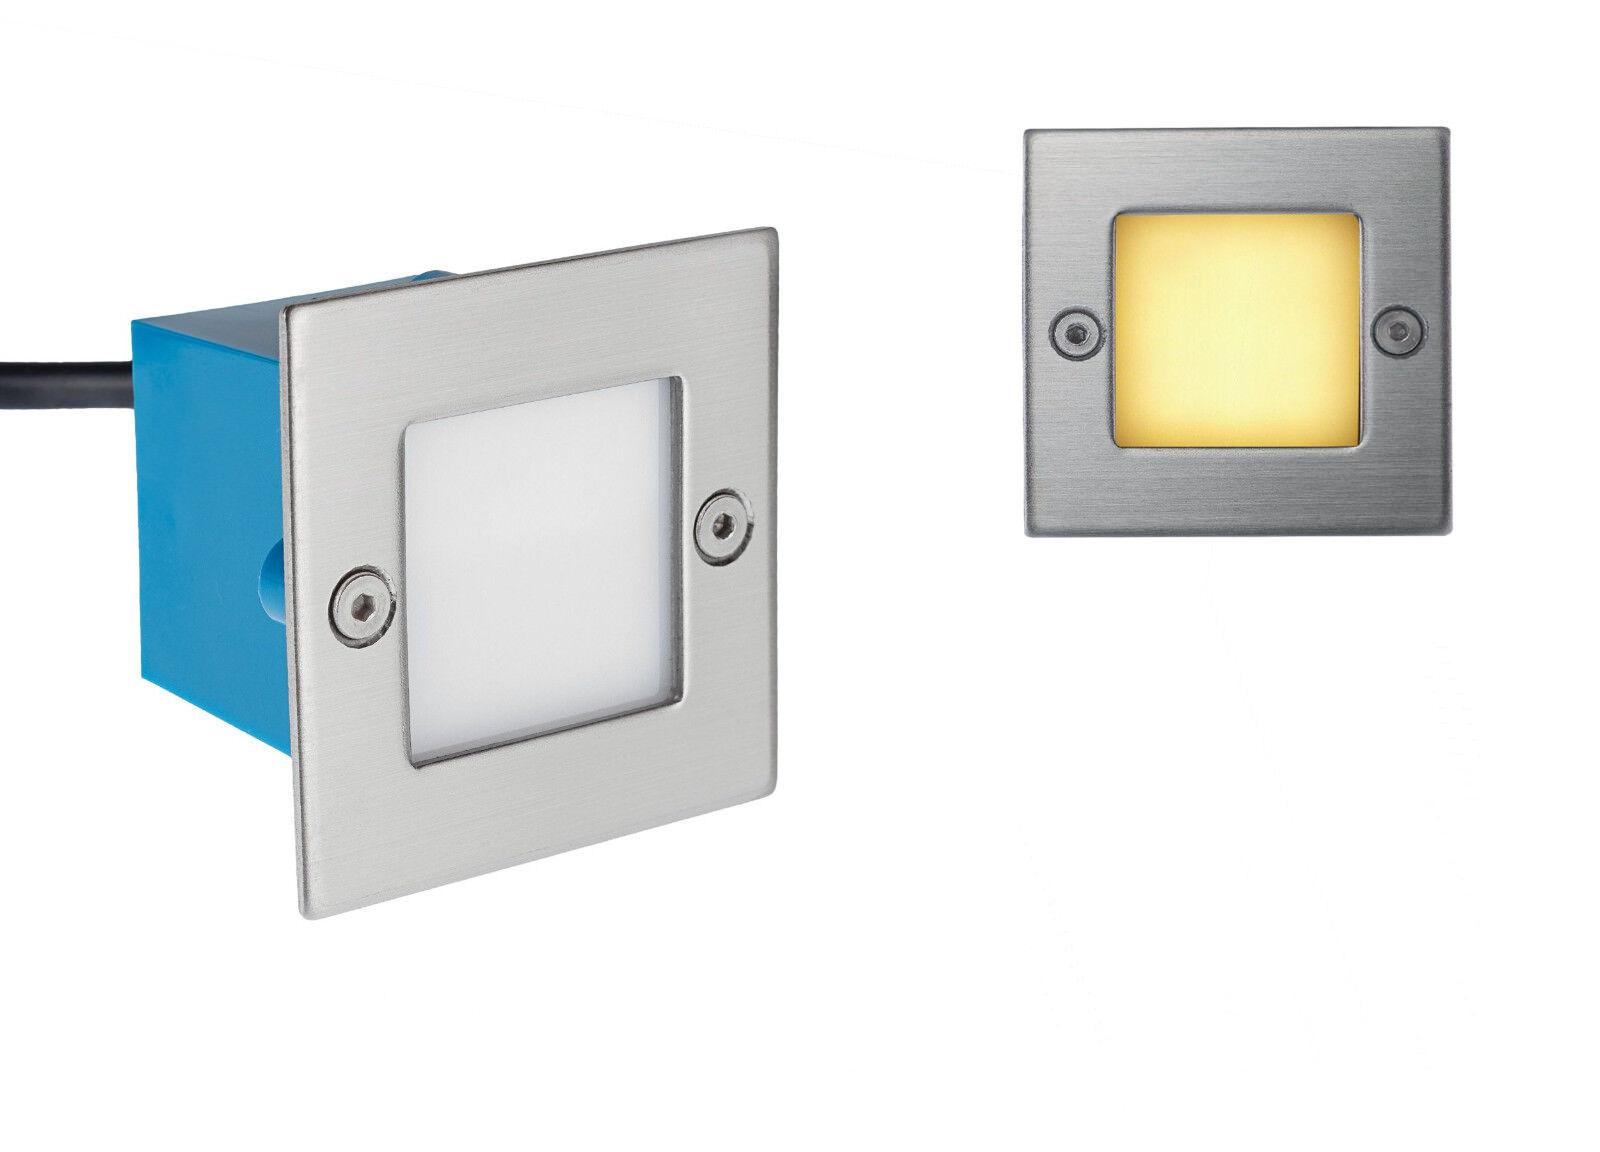 6x LED Treppenleuchte LED Wandeinbauleuchte Janus IP54 Warmweiss